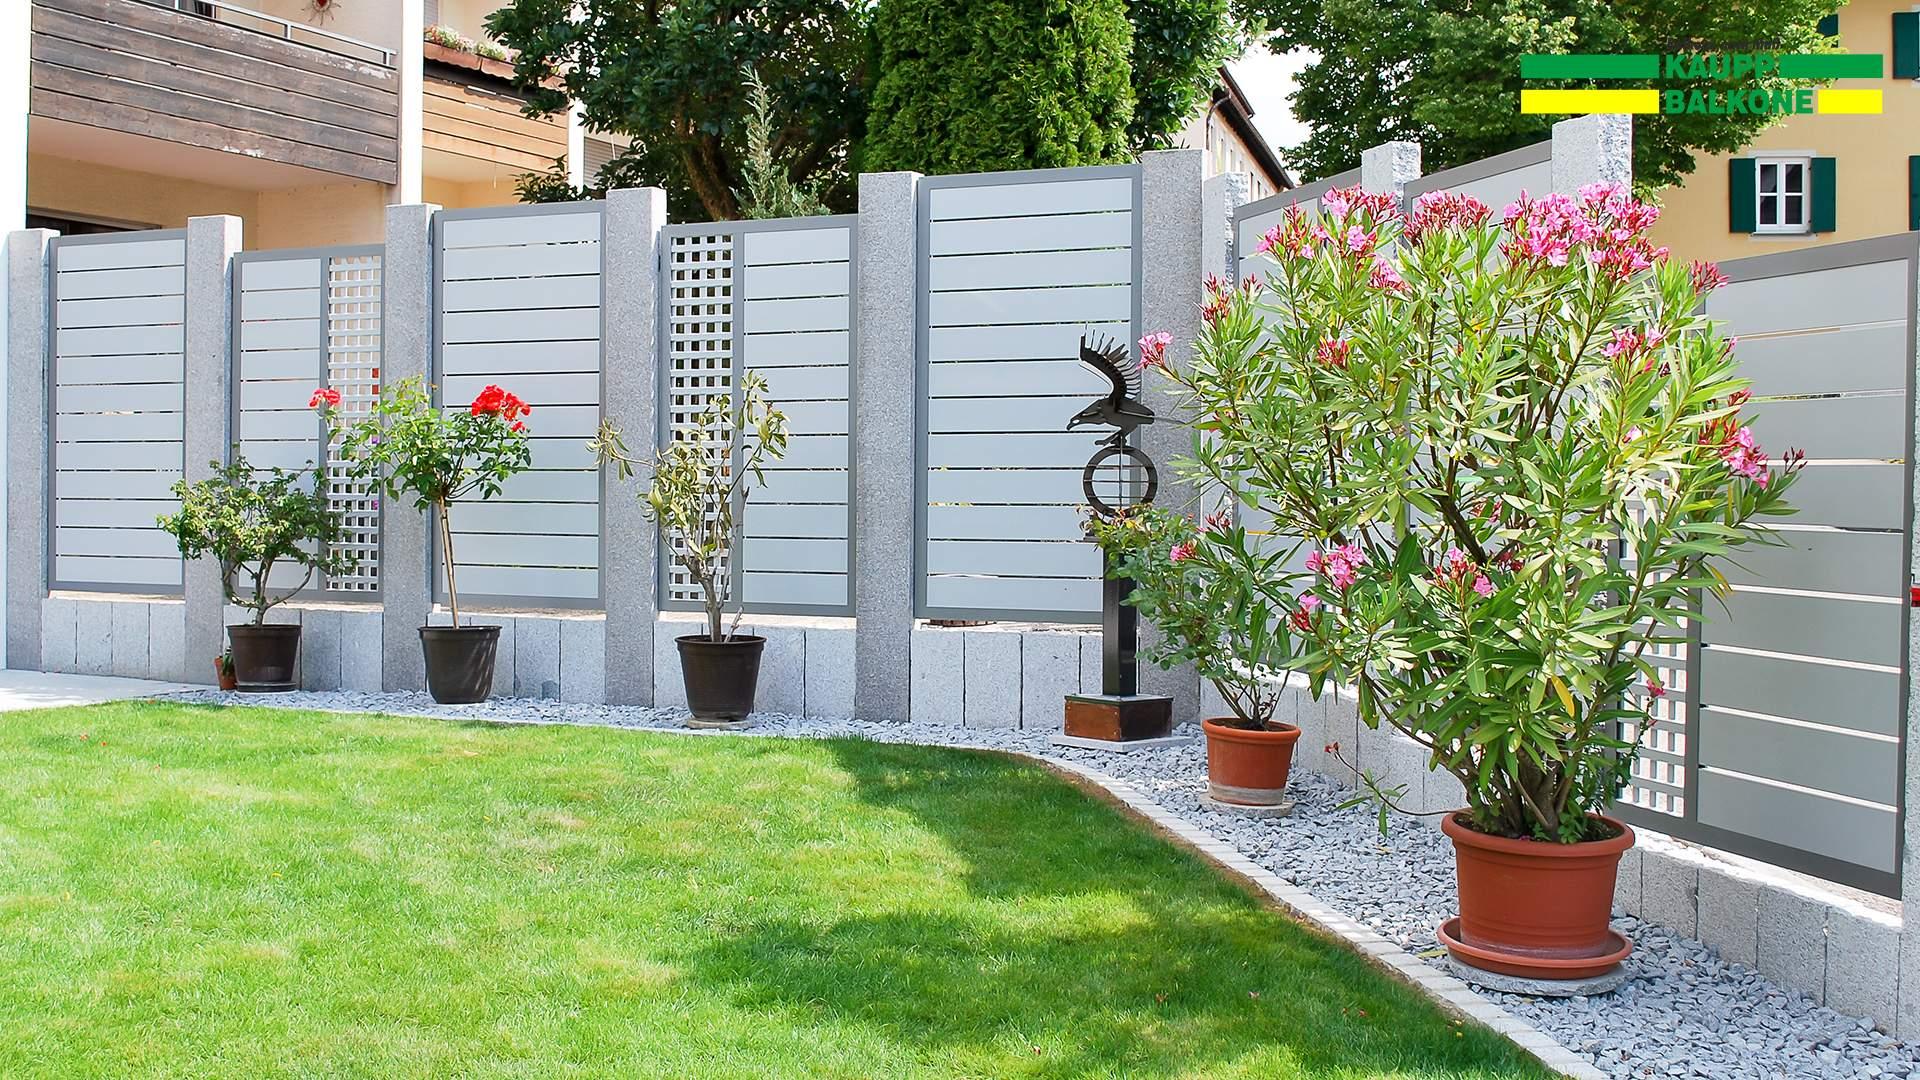 Garten Sichtschutz Luxus Alu Sichtschutz Pulverbeschichtet Stabil Und